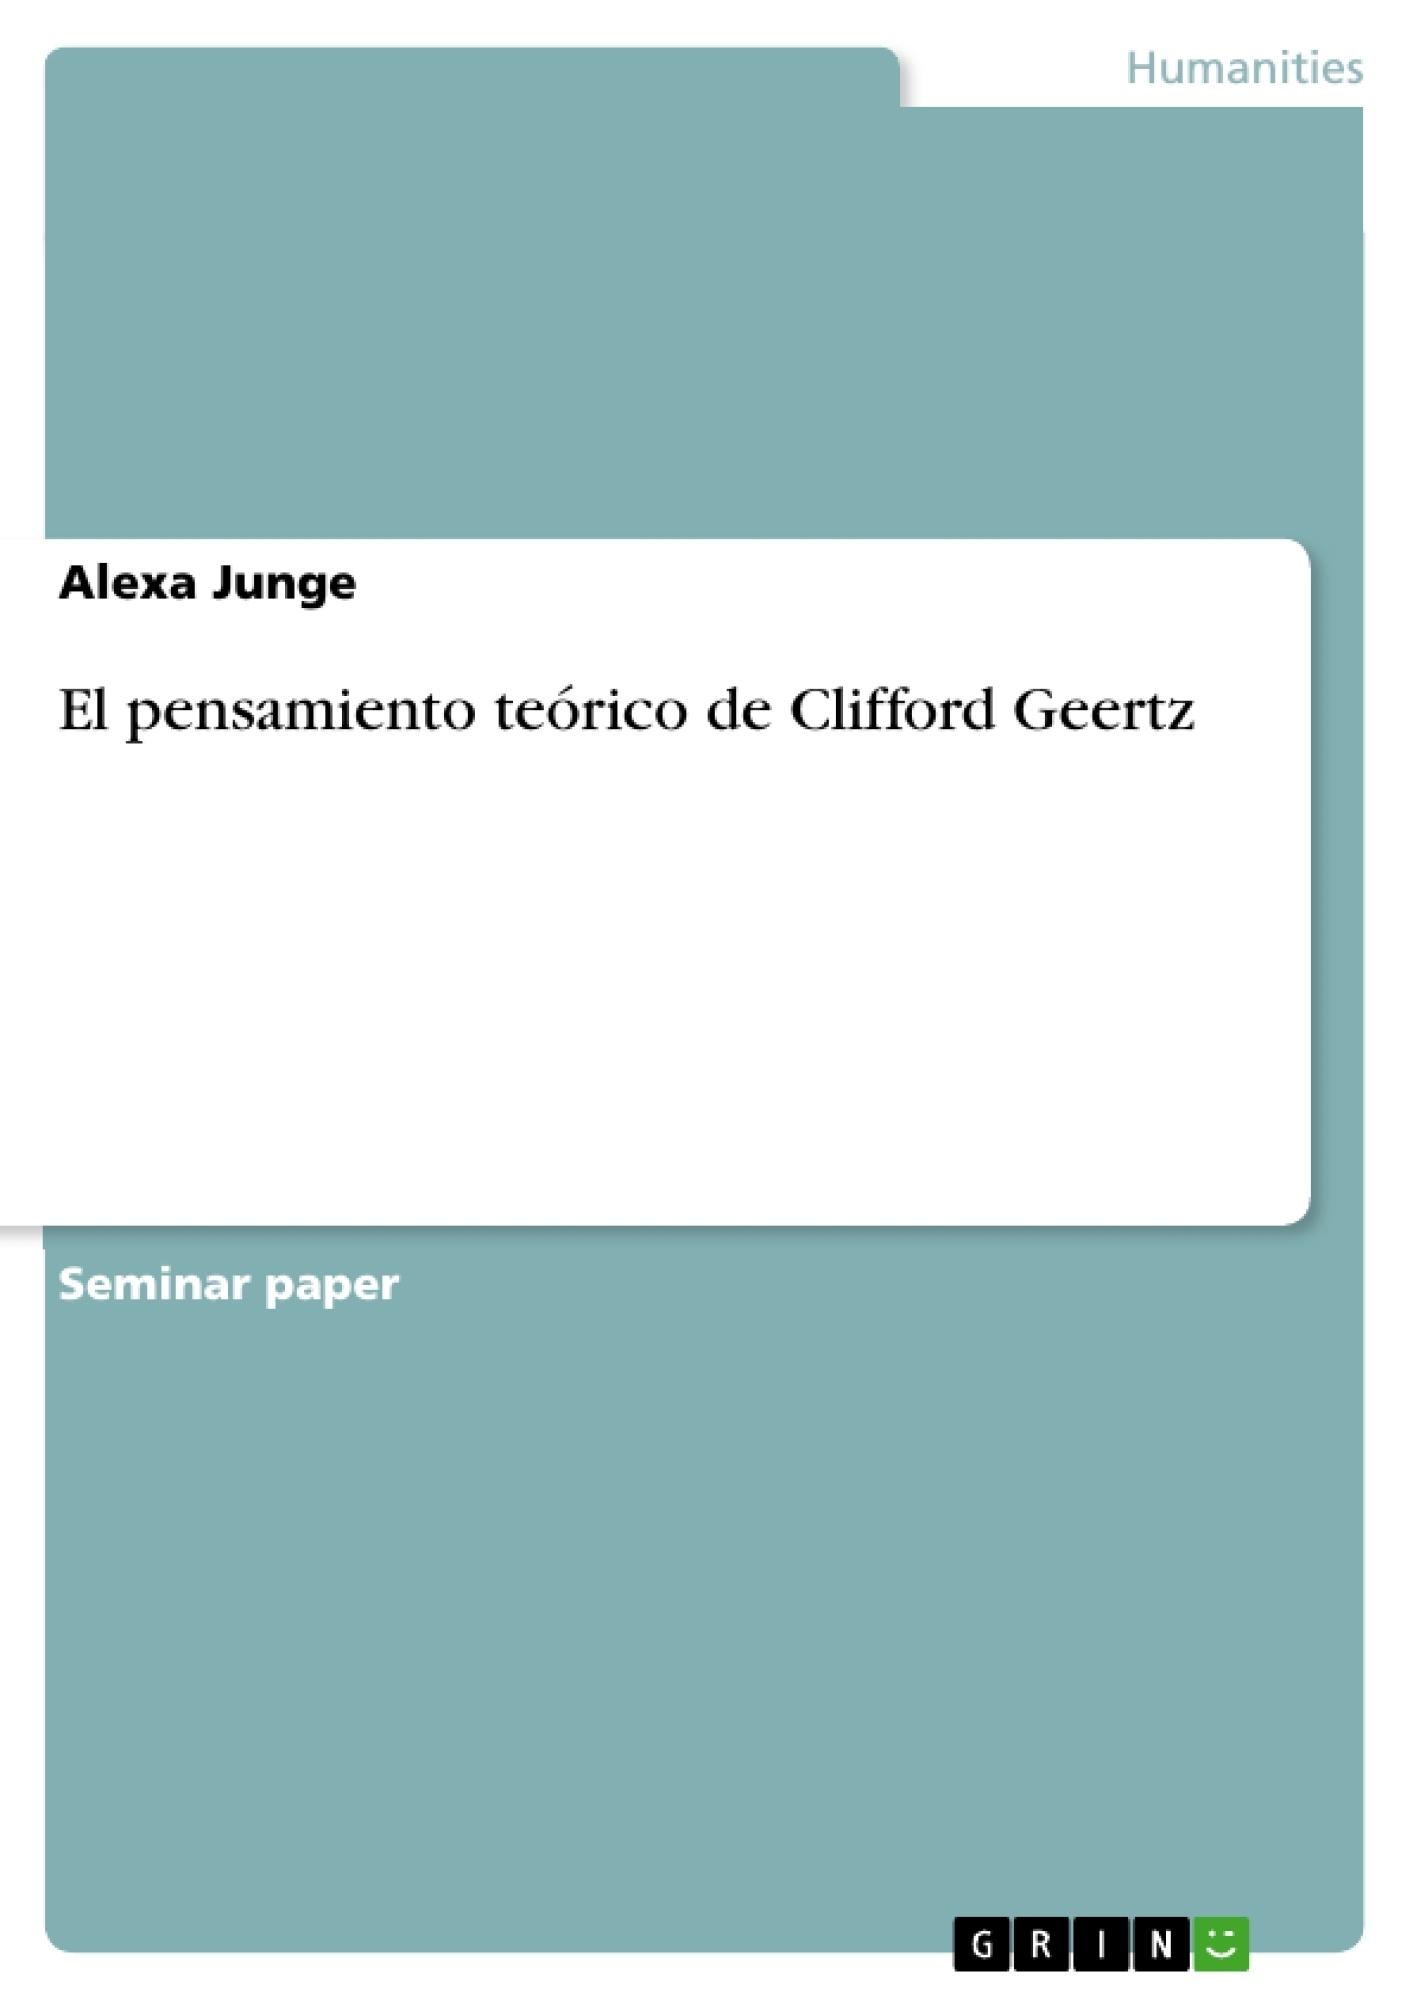 Título: El pensamiento teórico de Clifford Geertz